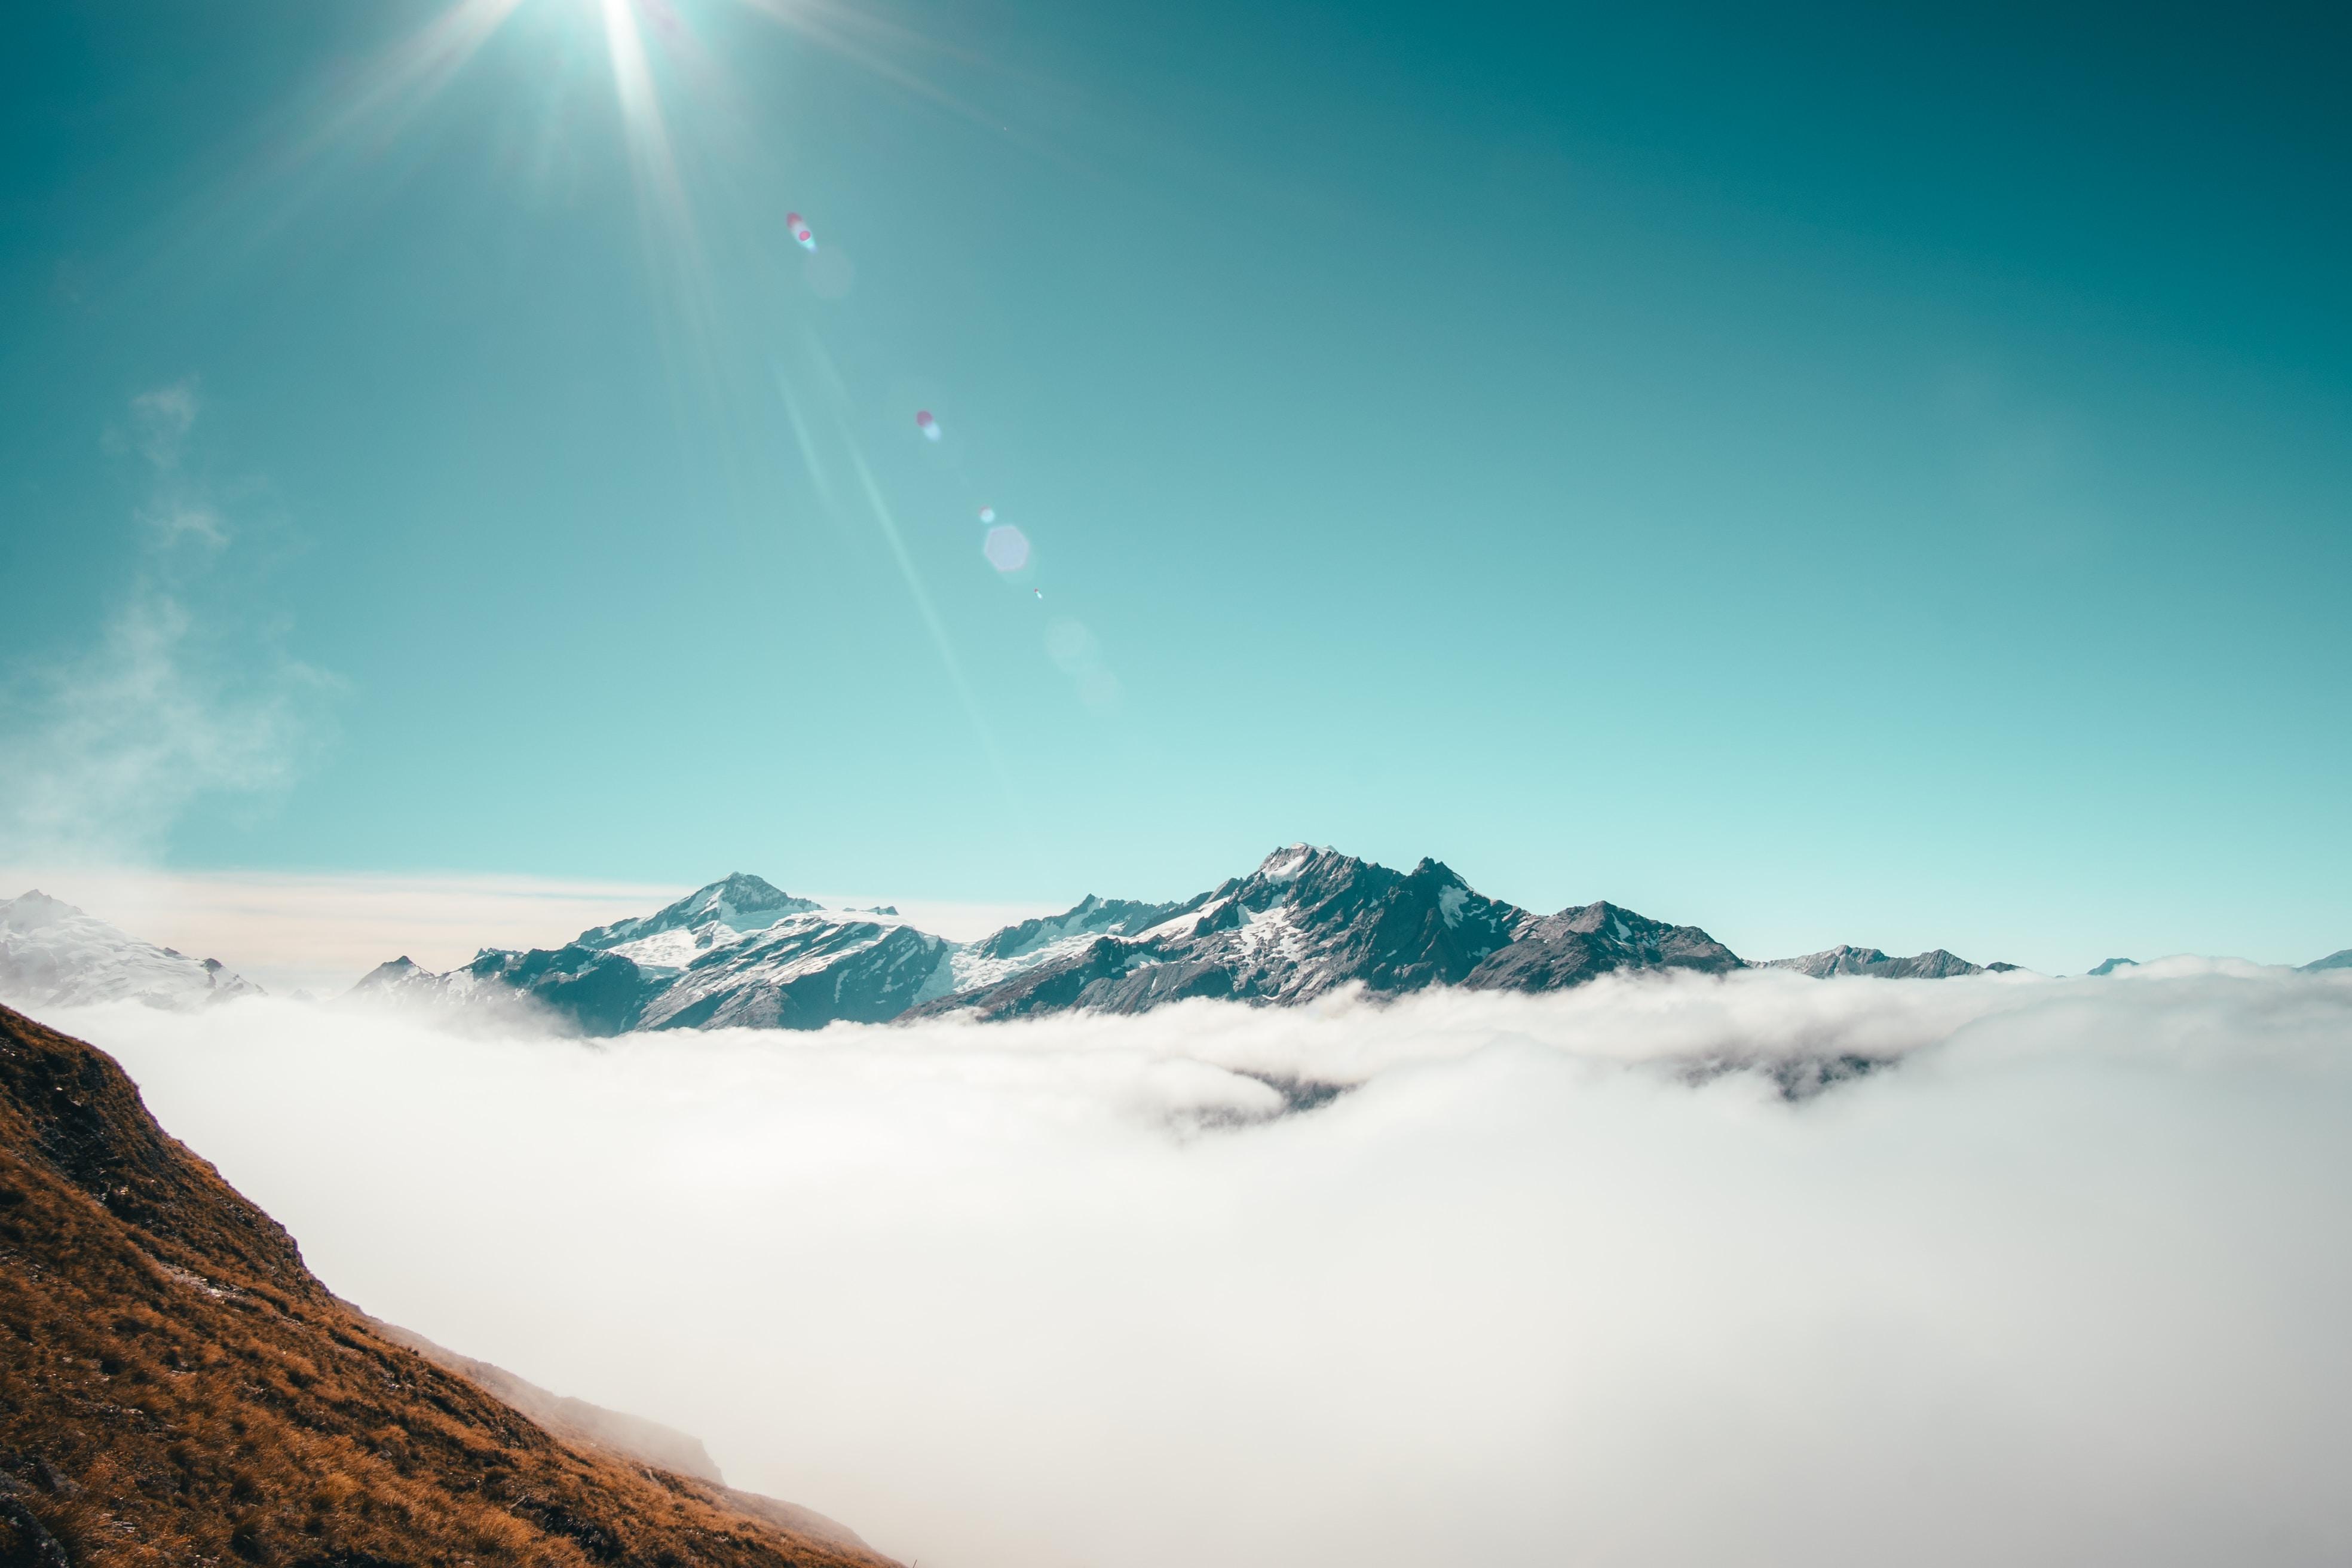 Himalayan mountains during daytime